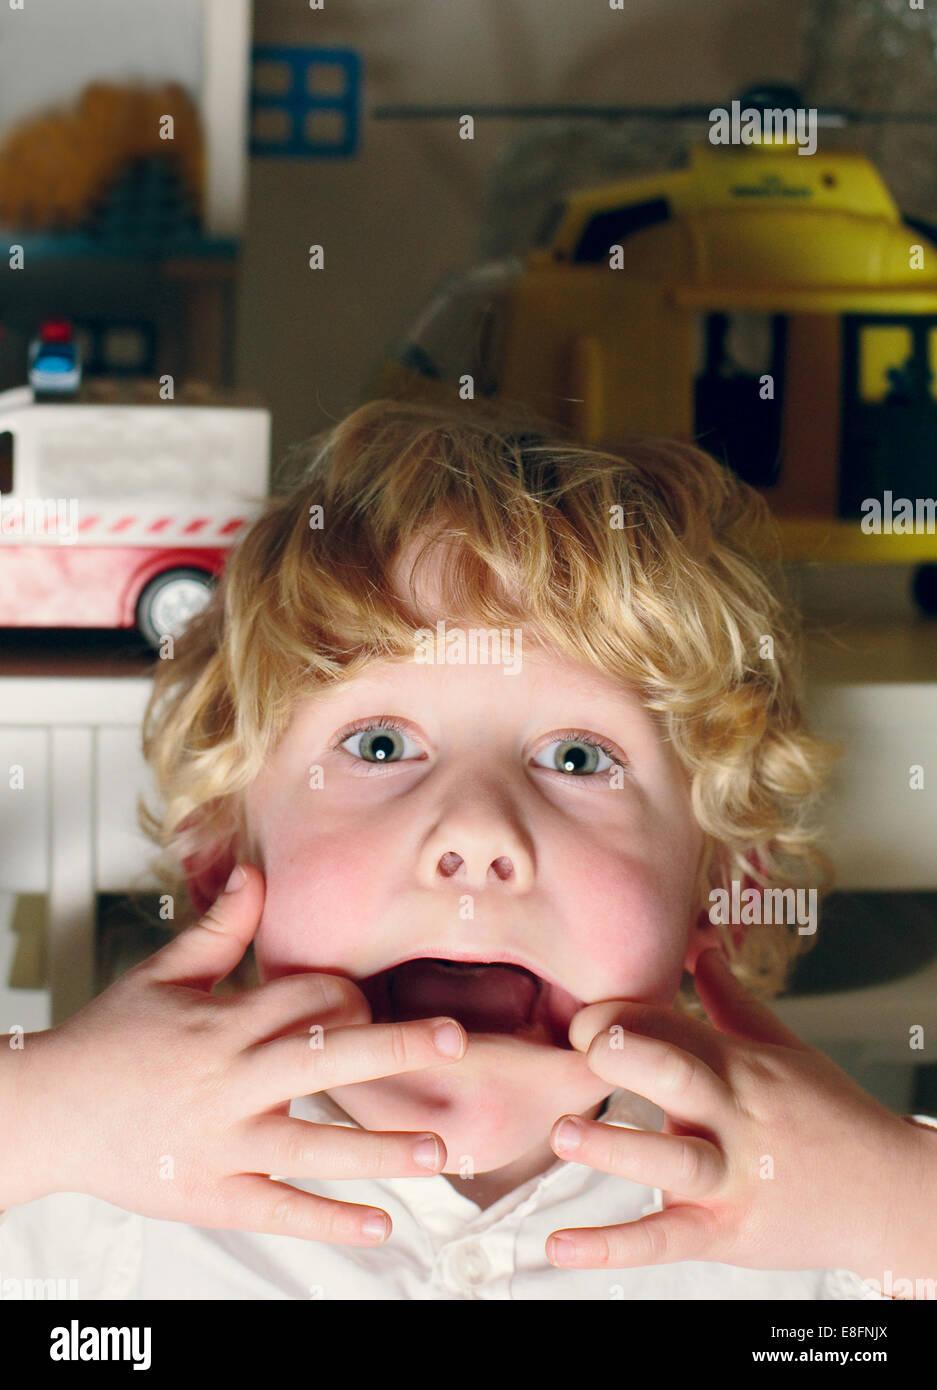 Países Bajos, Retrato de muchacho haciendo muecas Imagen De Stock